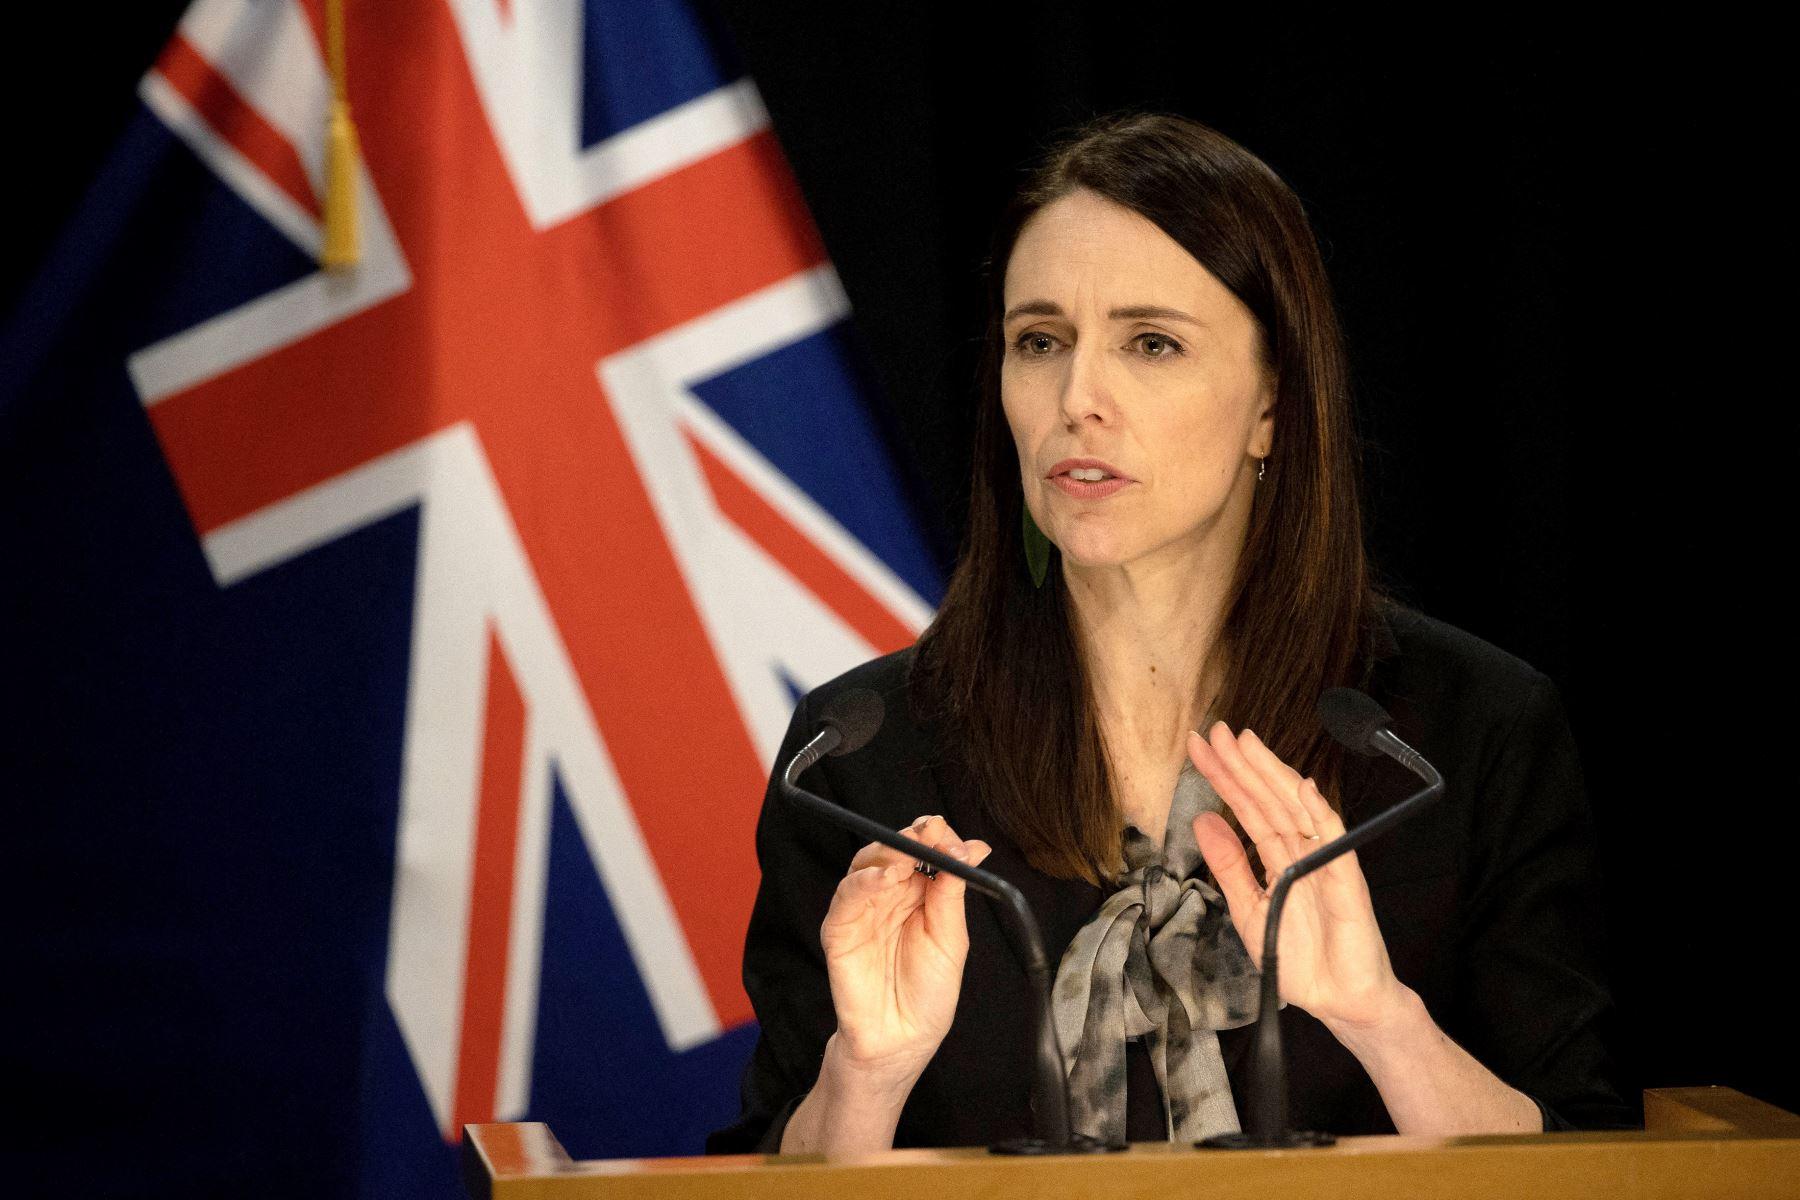 La primera ministra neozelandesa, Jacinda Ardern, mencionó que esta medida forma parte de las promesas electorales claves y que beneficiará a 175,000 personas. Foto: AFP